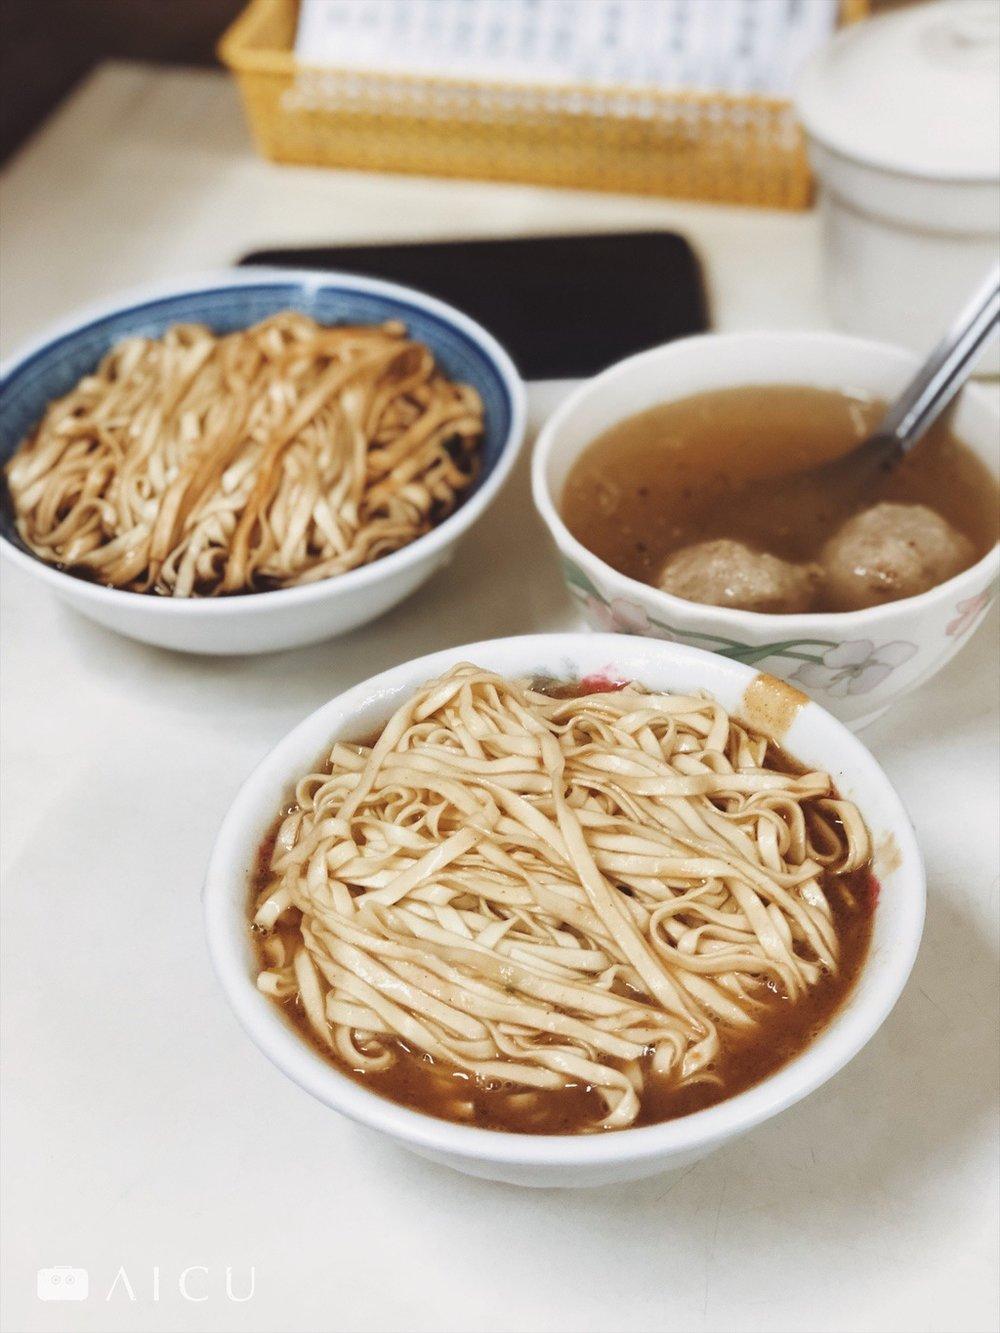 照片為宜蘭麻醬麵,話說從早餐開始吃麵,而且只賭注這麵,沒太多小菜,實在很值得探討。